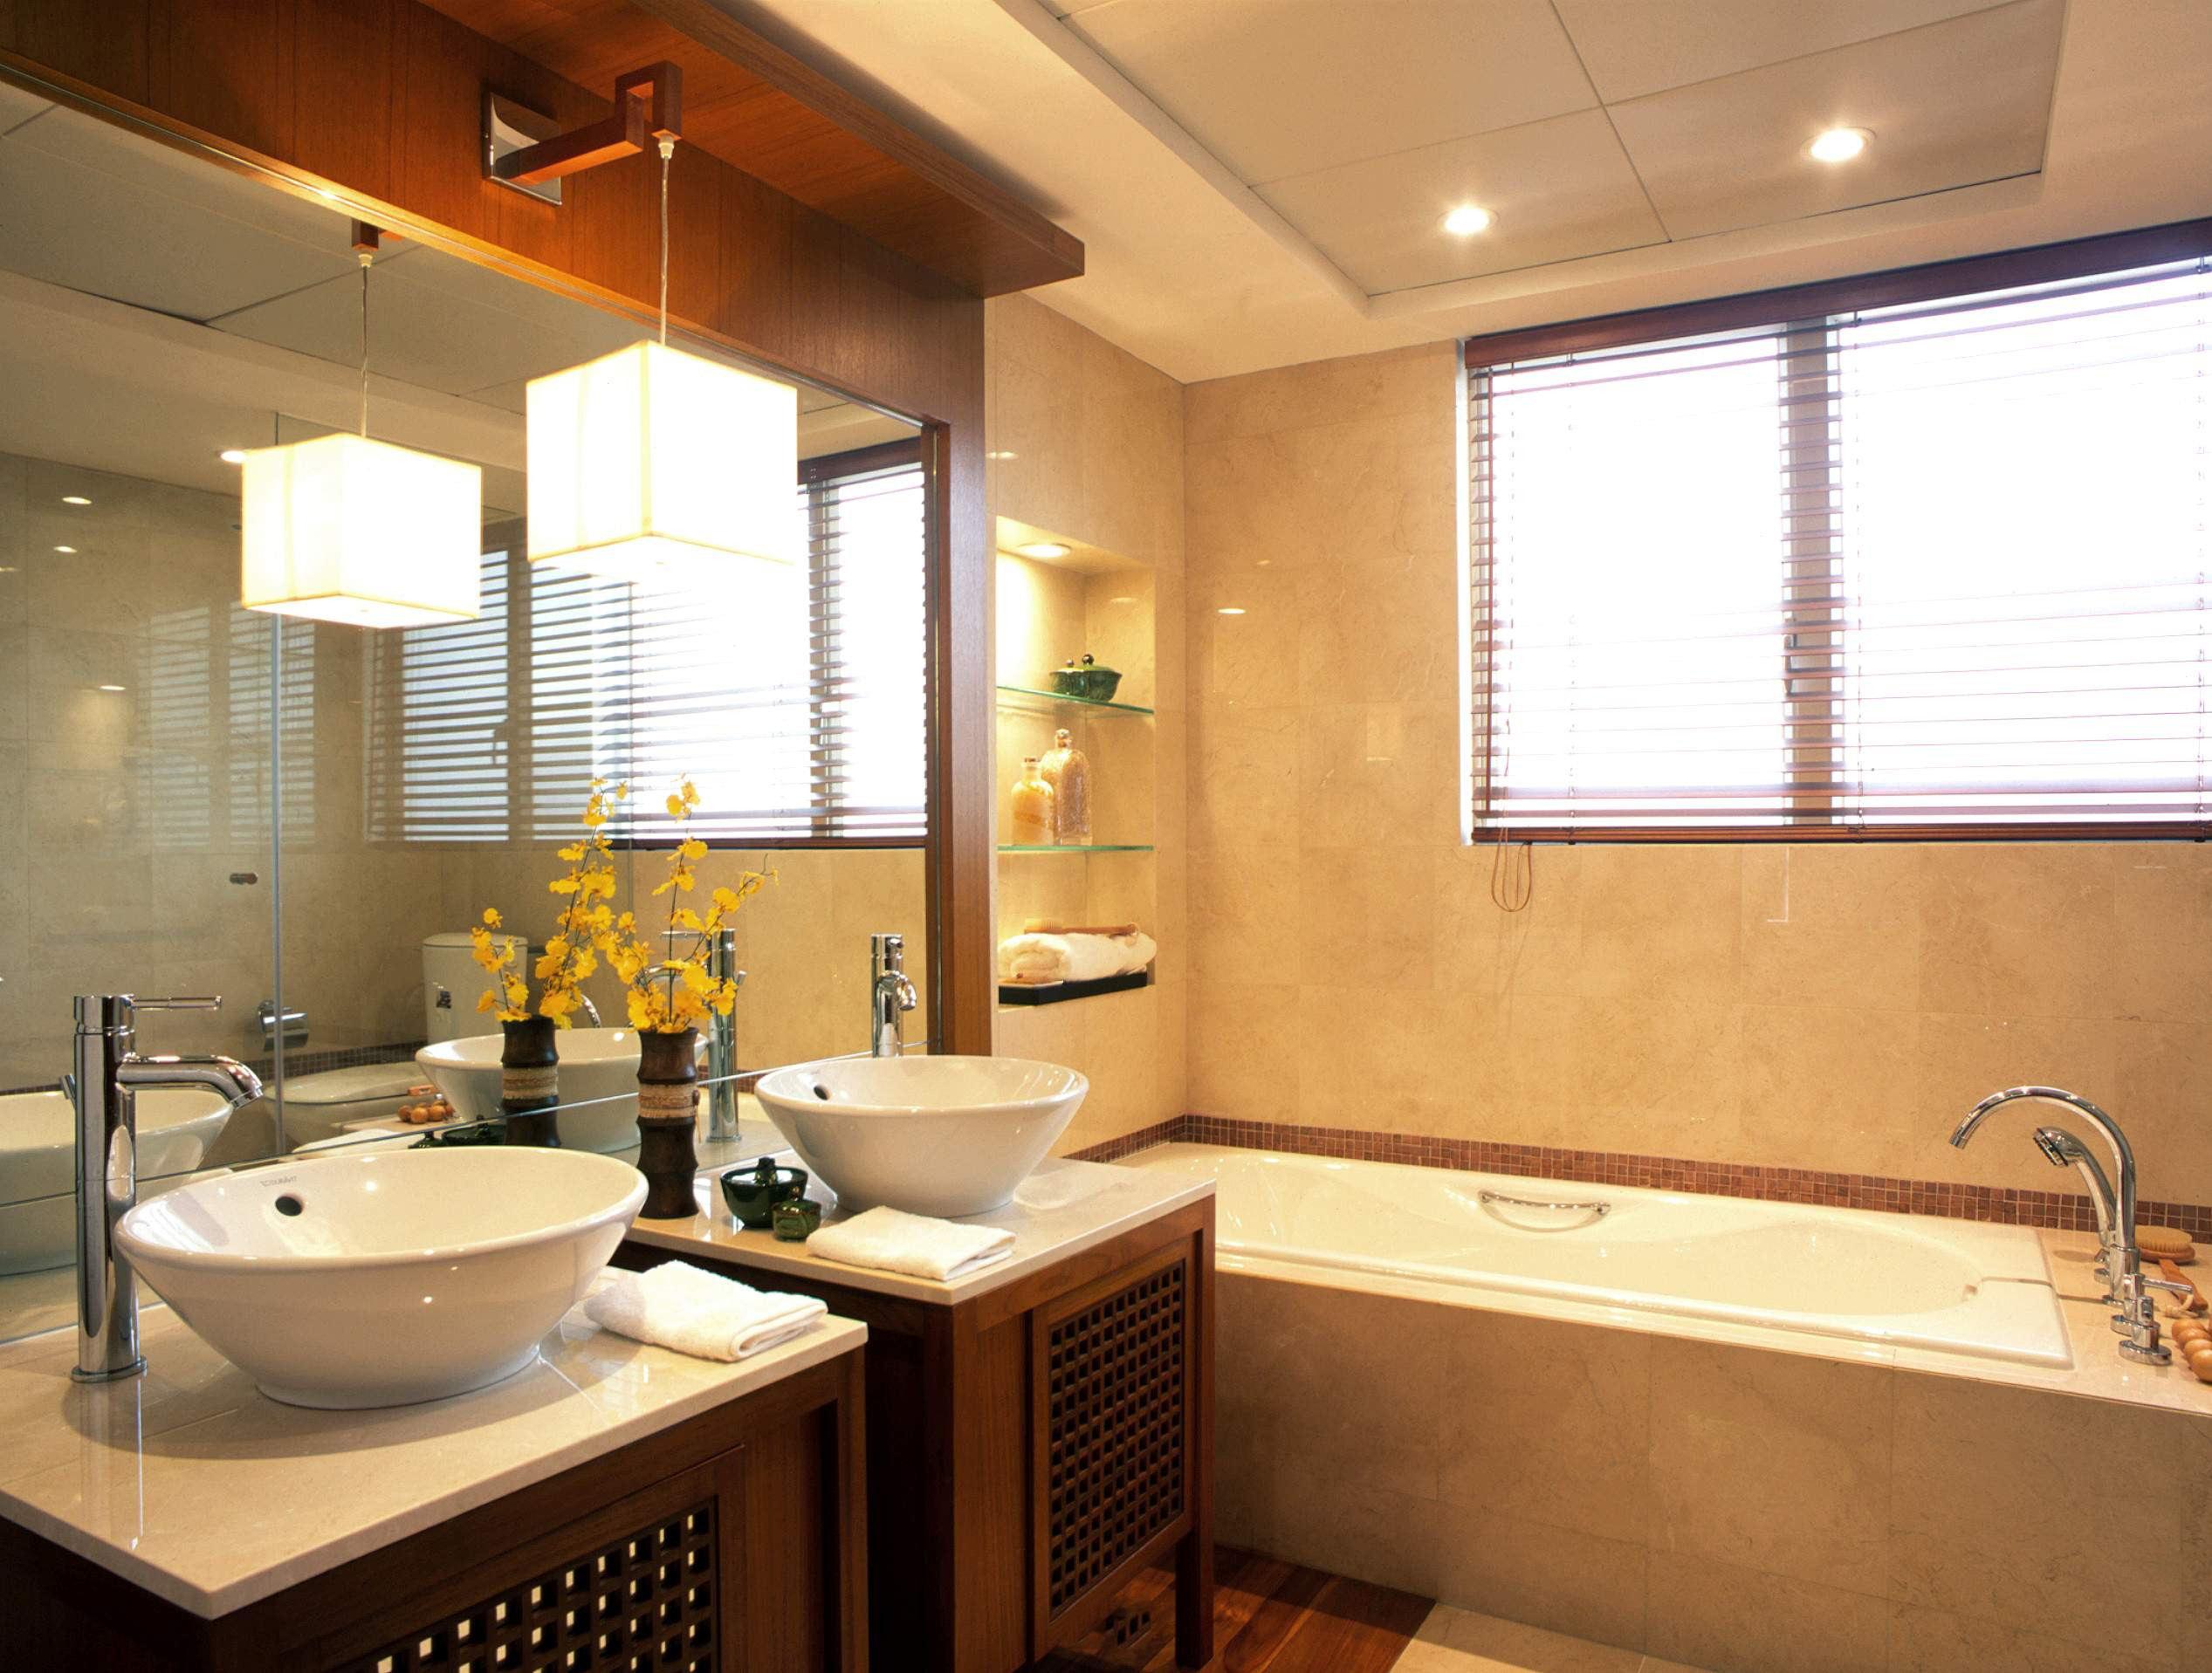 东南亚风格设计别墅卫生间玻璃镜装饰效果图片-卫生间装修效果图片